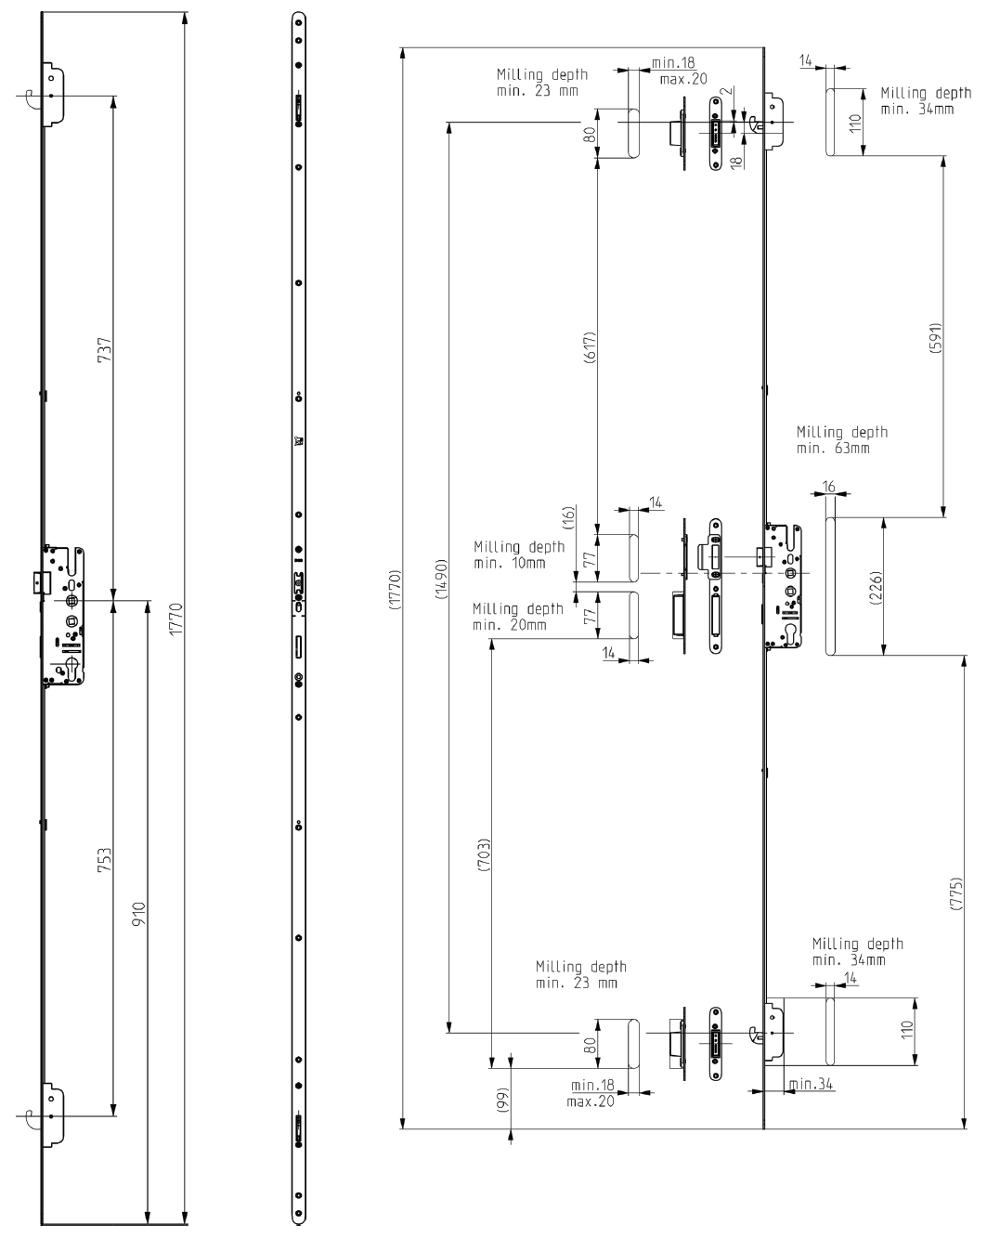 Elite Composite 2 Hook Lock Diagram